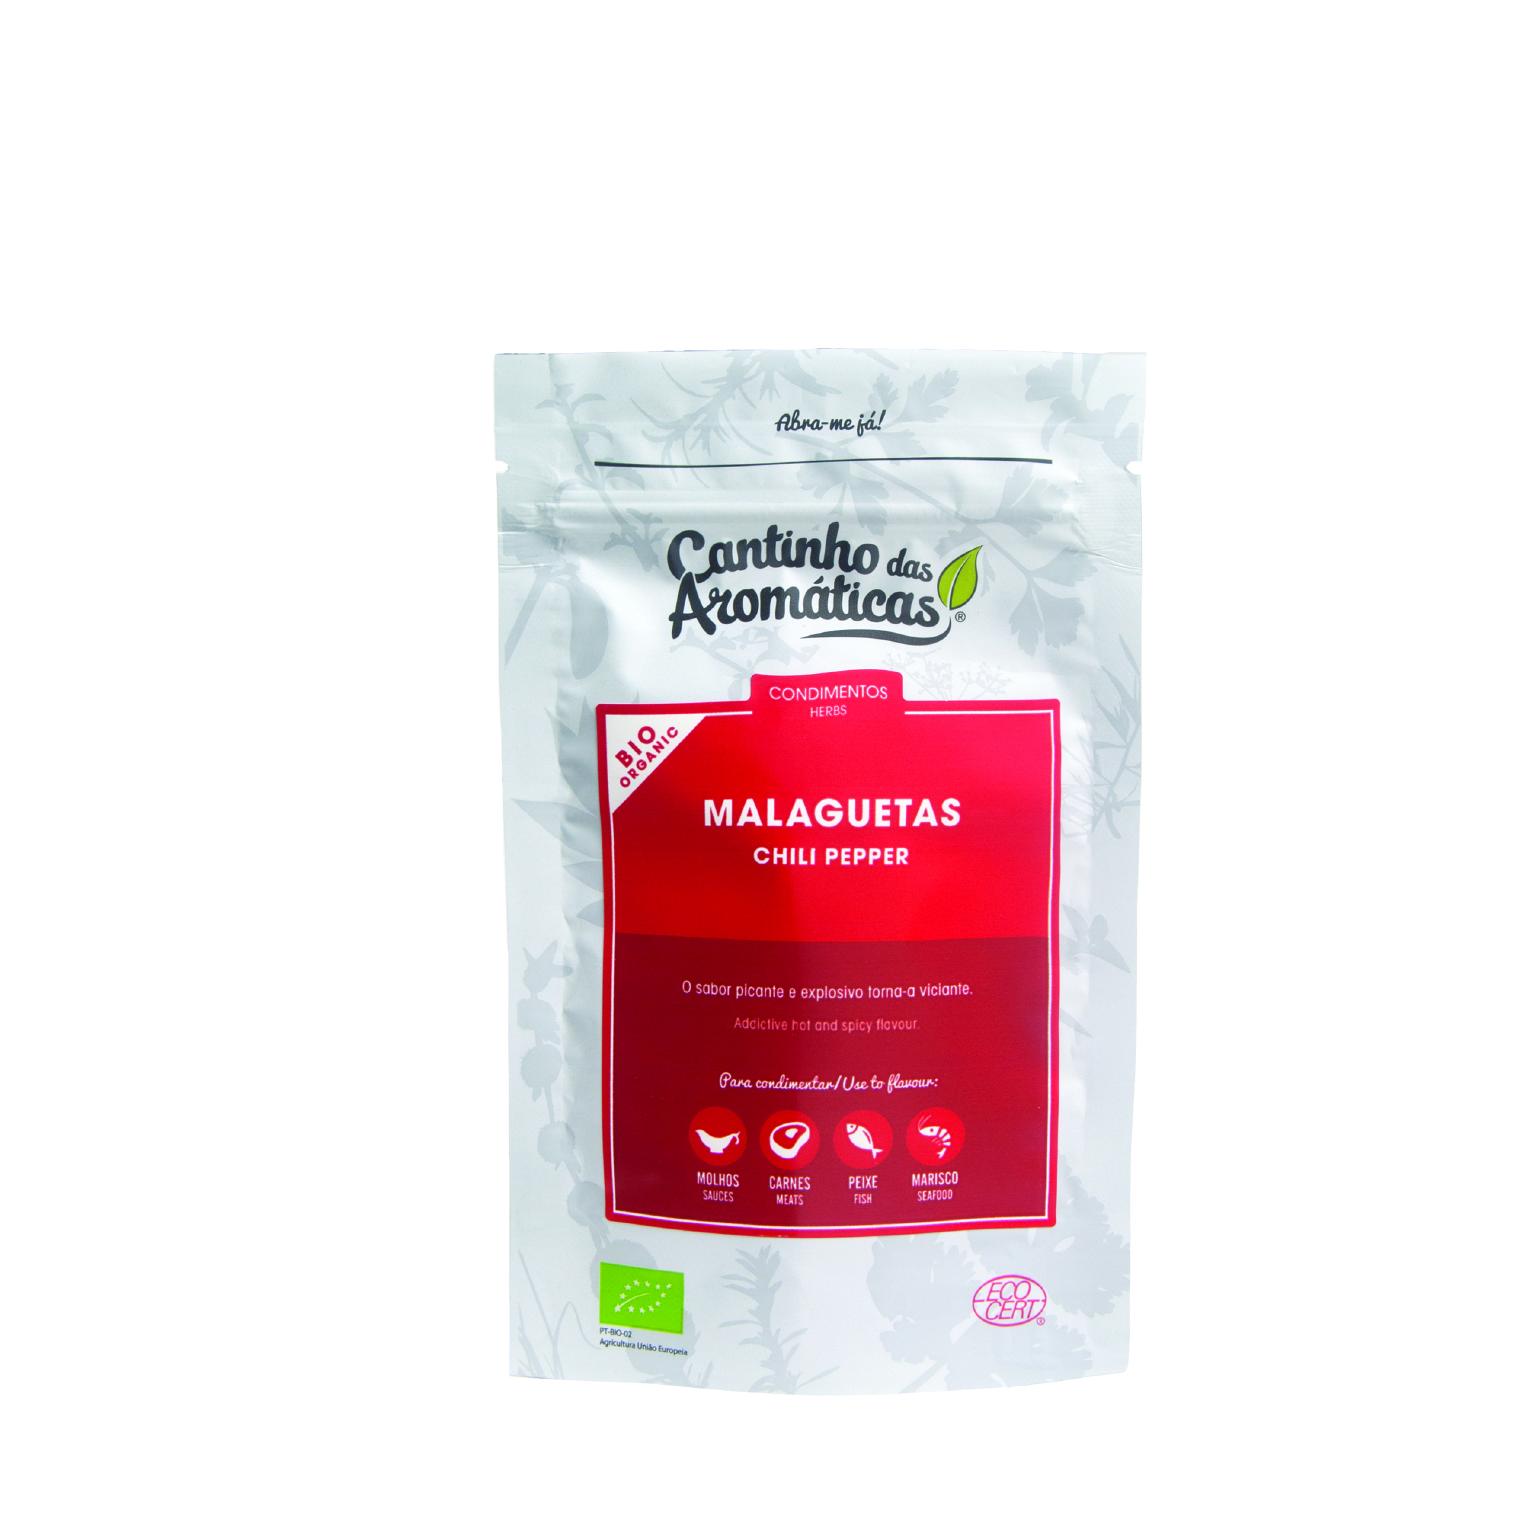 http://www.cantinhodasaromaticas.pt/loja/condimentos-bio-cantinho-das-aromaticas/malaguetas-bio-embalagem-20g/